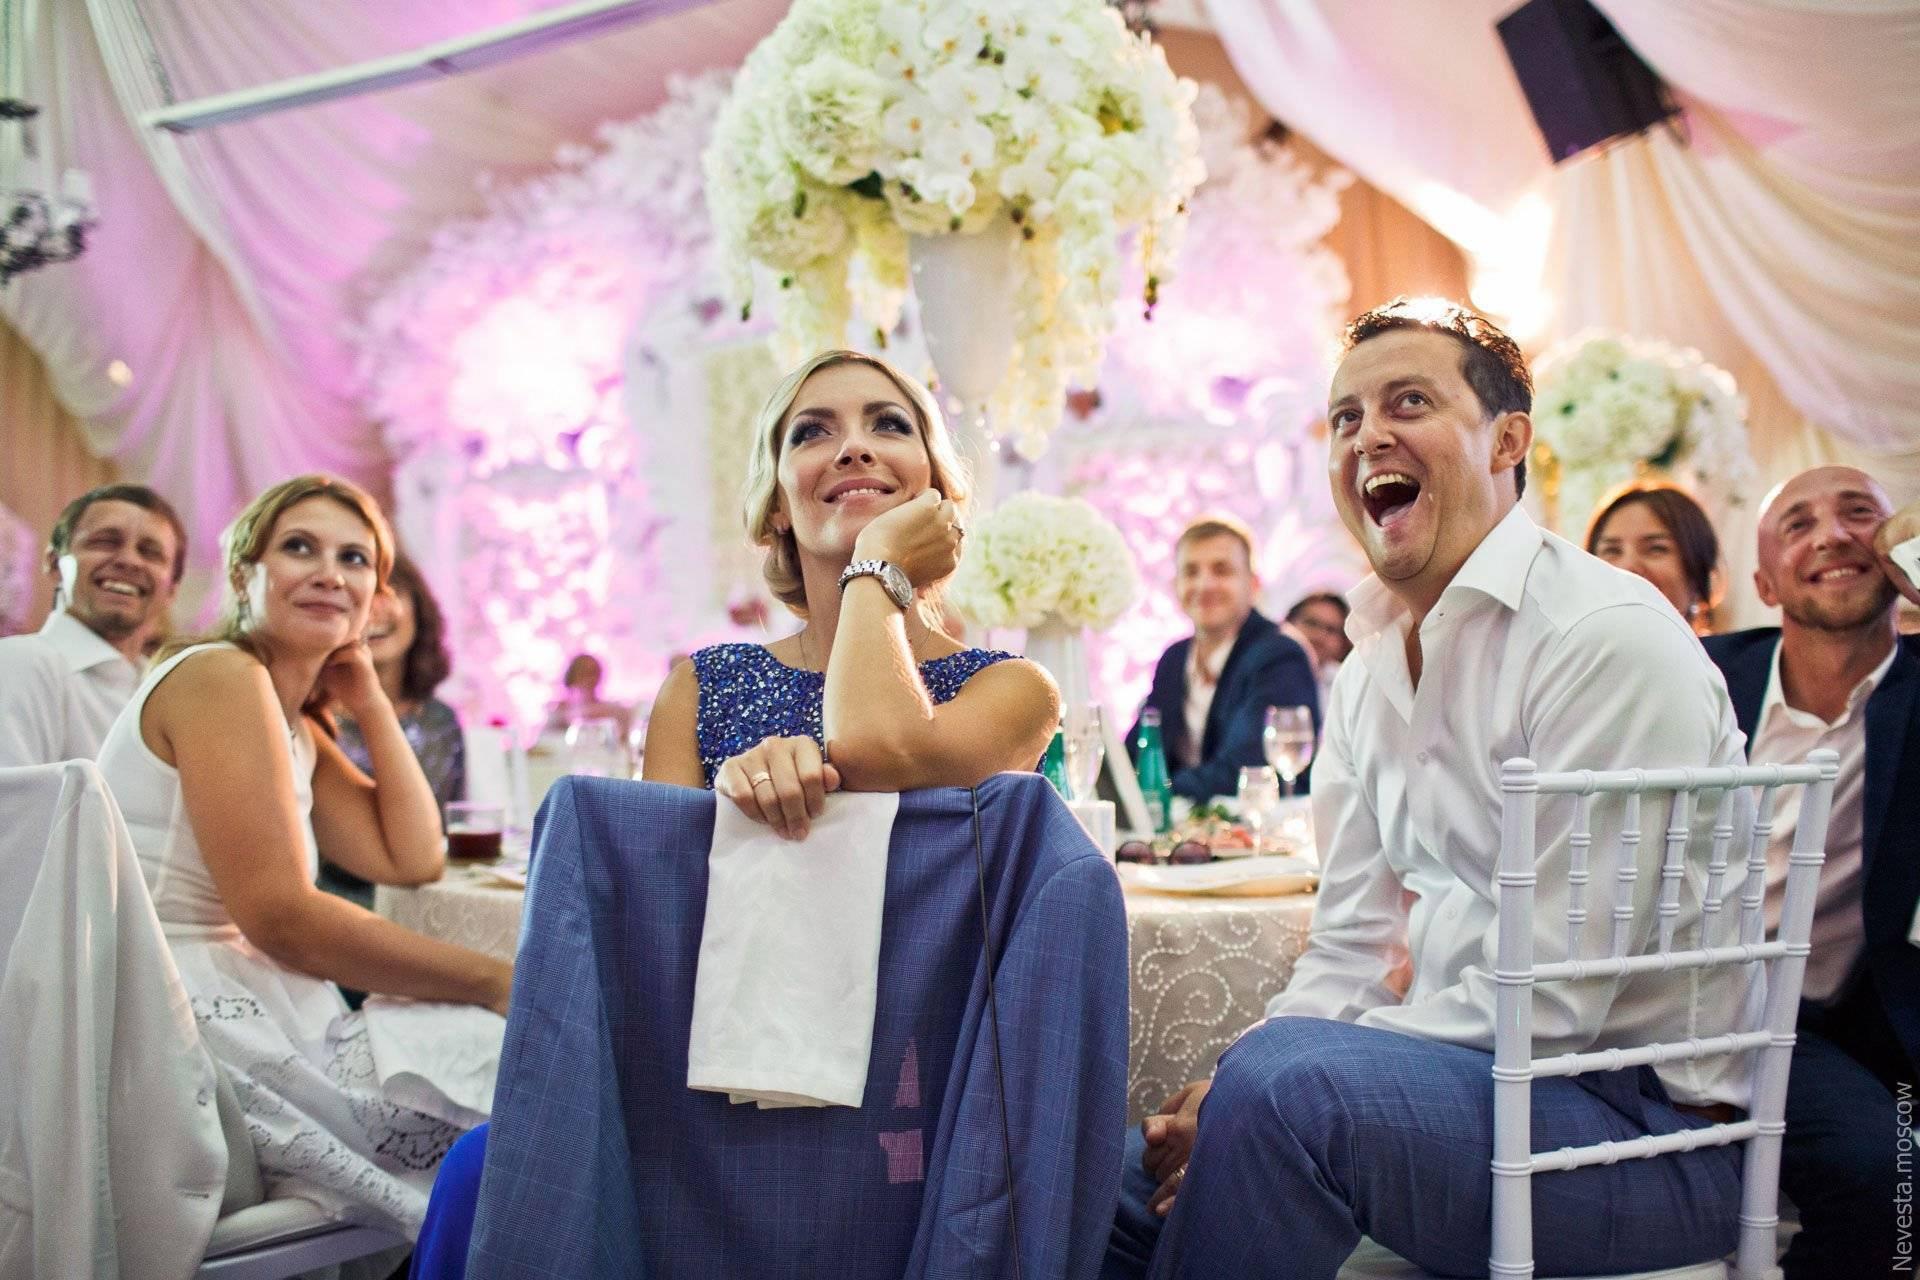 «Совершеннолетие» семьи, или Как праздновать 18 лет совместной жизни